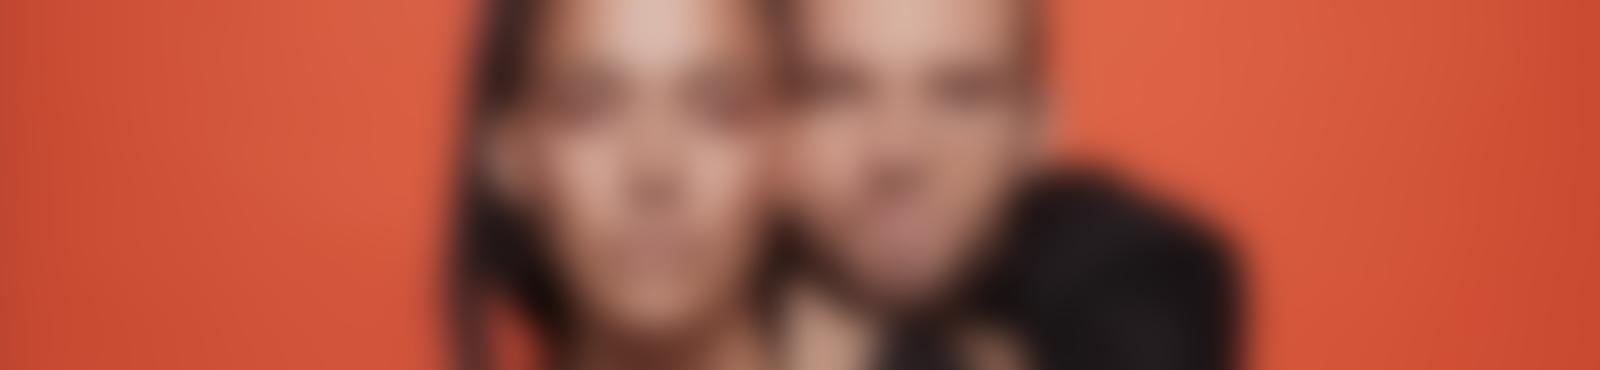 Blurred de79302d 54c8 472d 87a1 dc98387bddfd